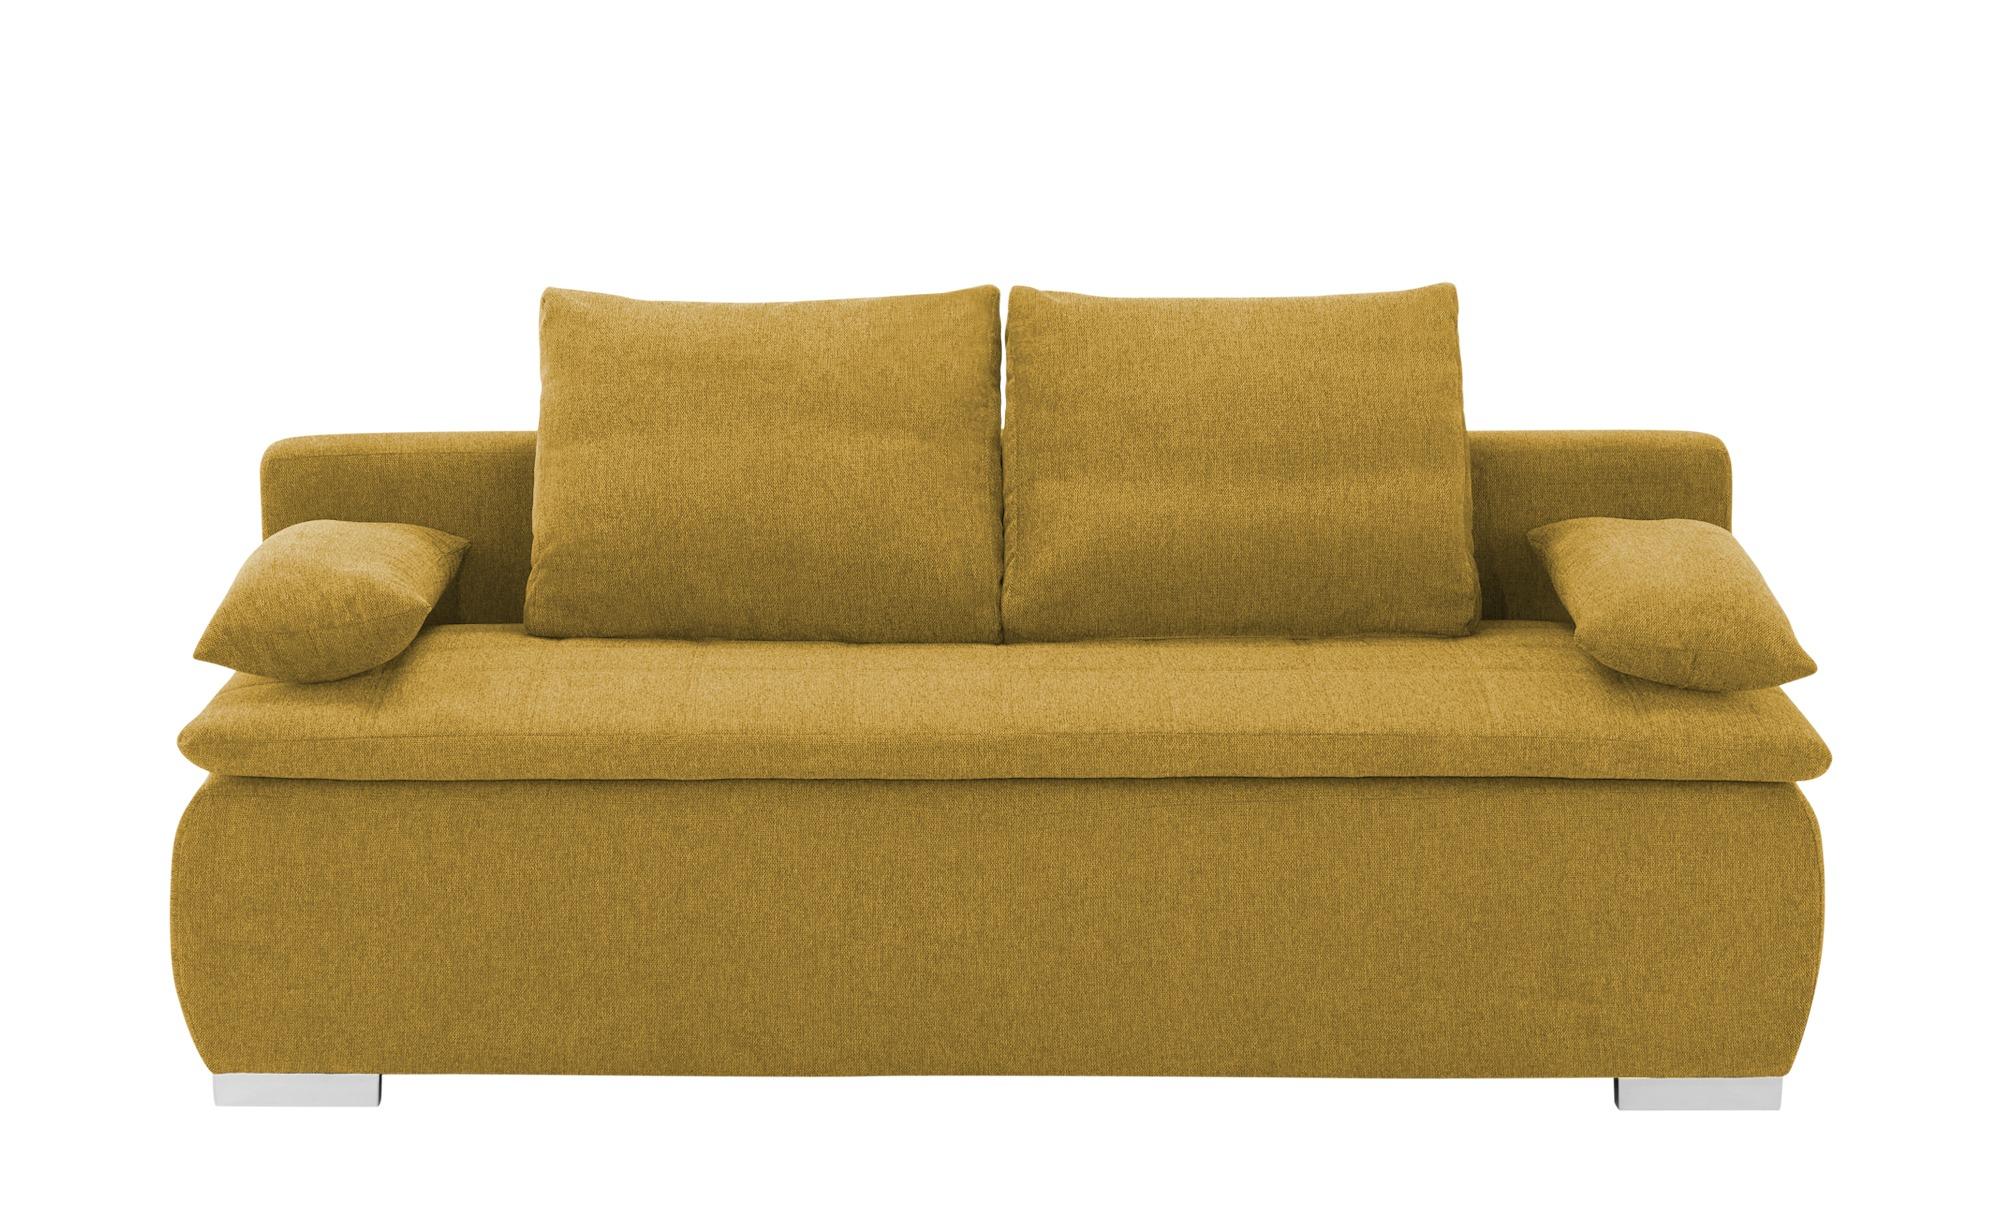 smart Schlafsofa  Leonie ¦ gelb ¦ Maße (cm): B: 198 H: 92 T: 90 Polstermöbel > Sofas > Einzelsofas - Höffner